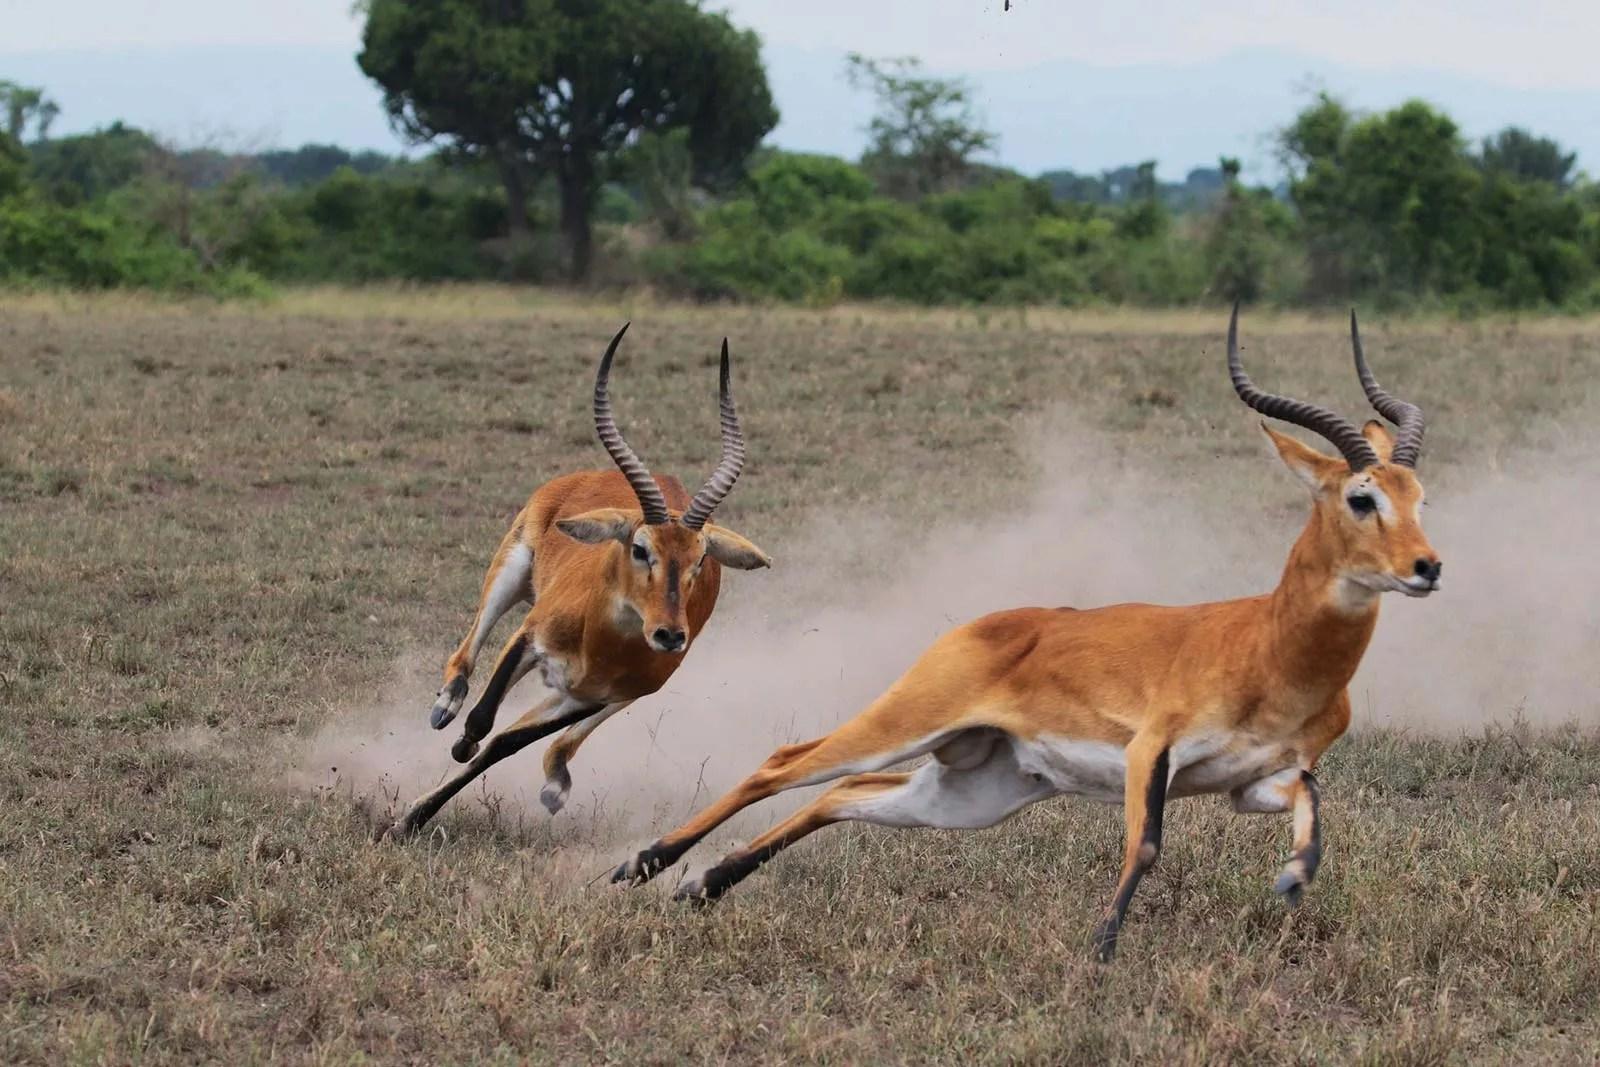 Uganda Kob (Kobus kob thomasi)